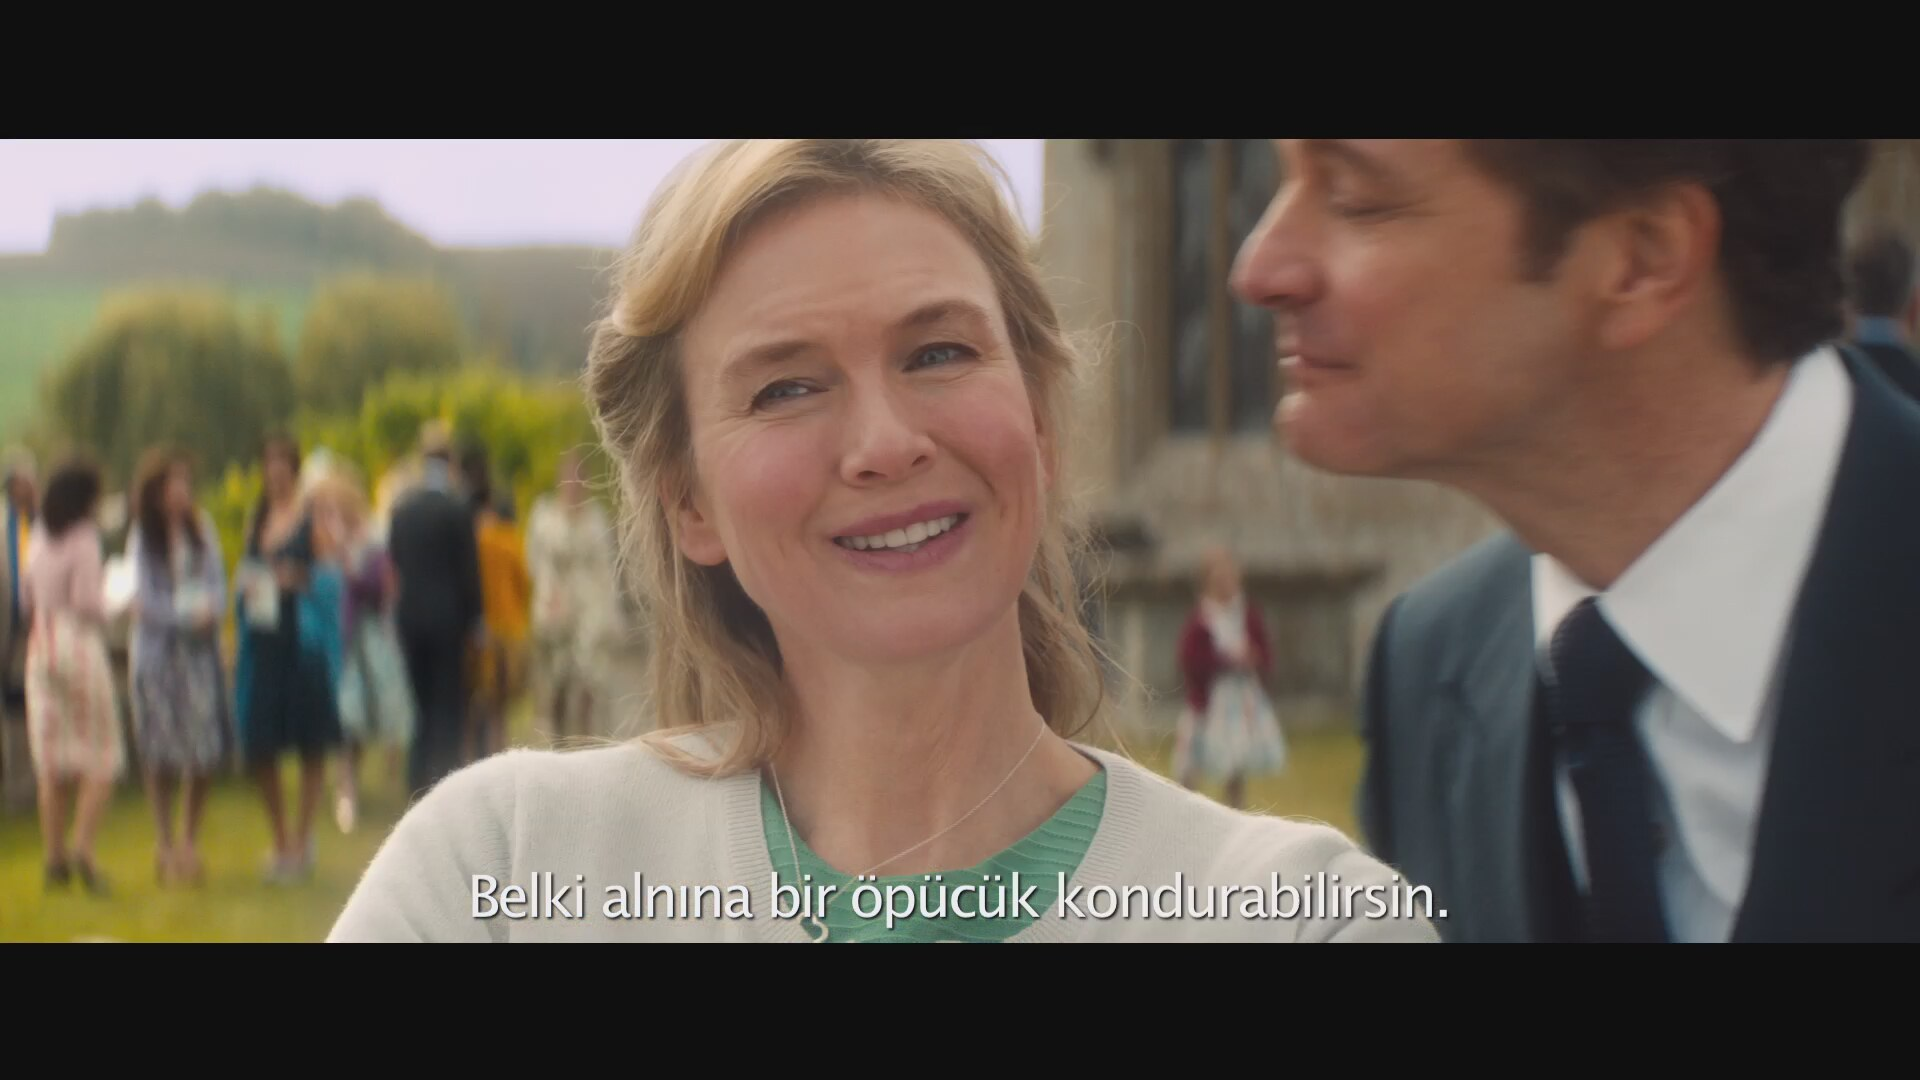 Bridget Jones'un Bebeği 2016 Türkçe Altyazılı 2 Fragman